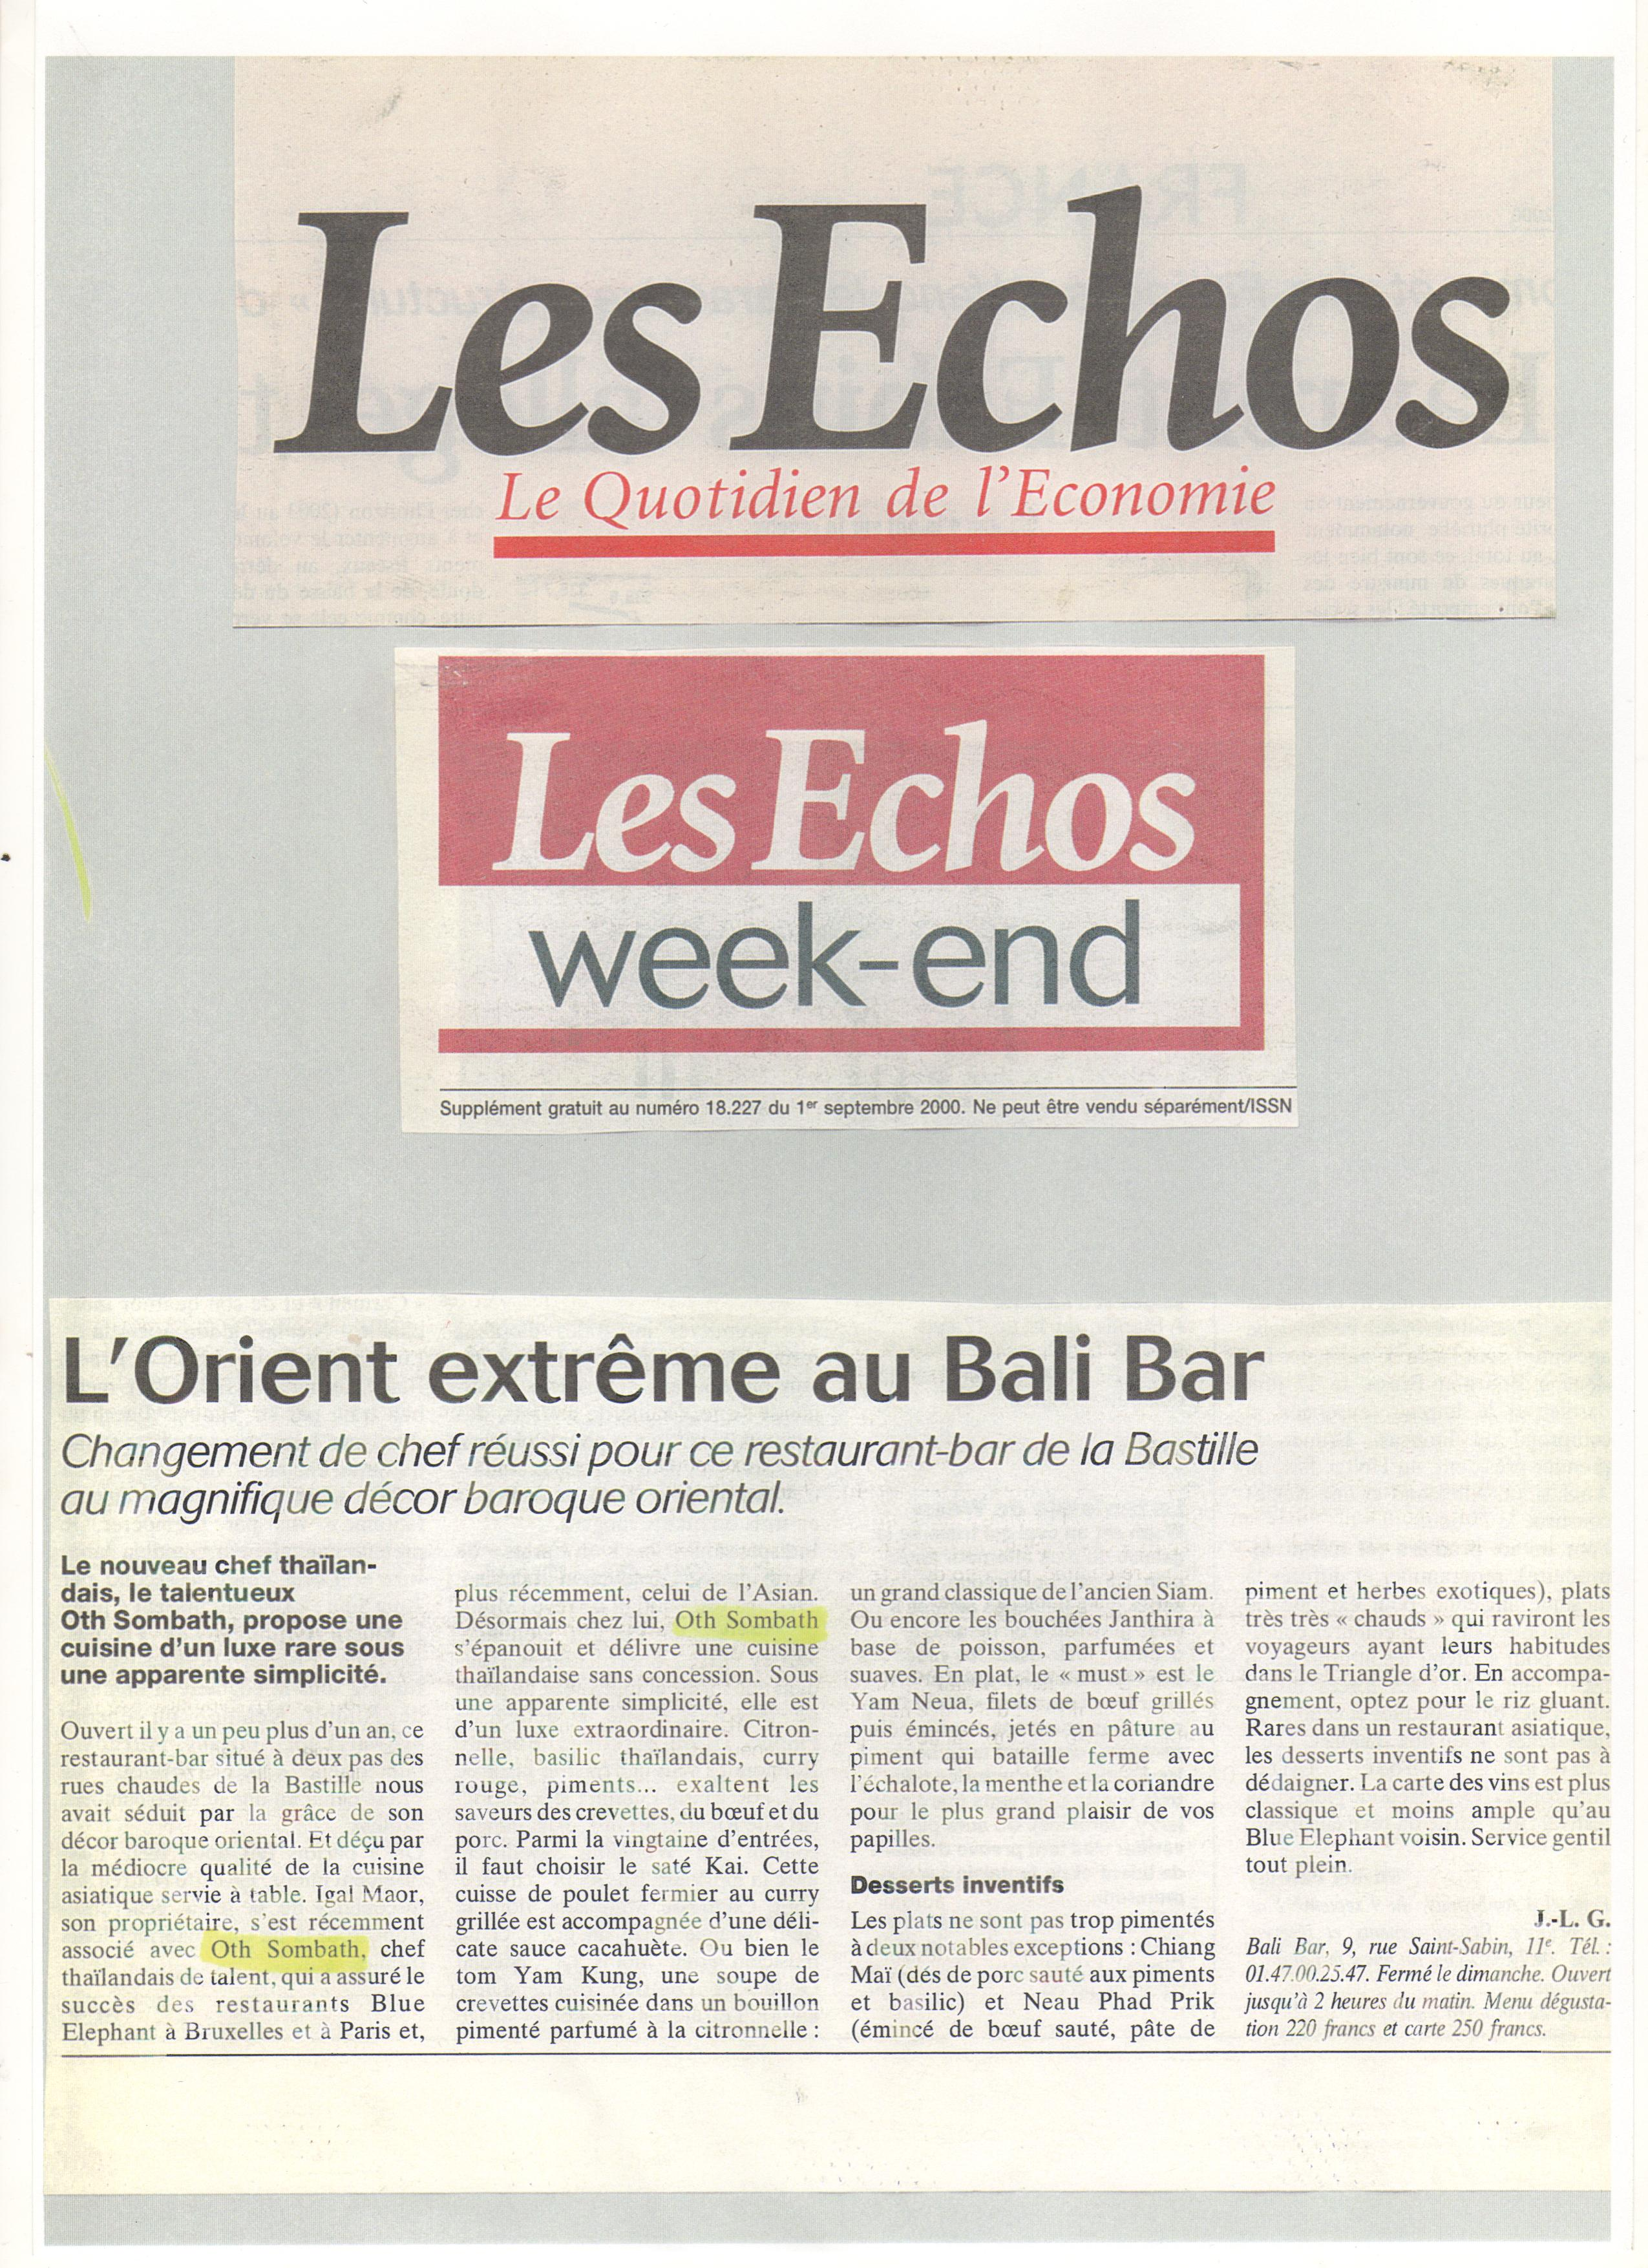 L'orient extrême au Bali Bar